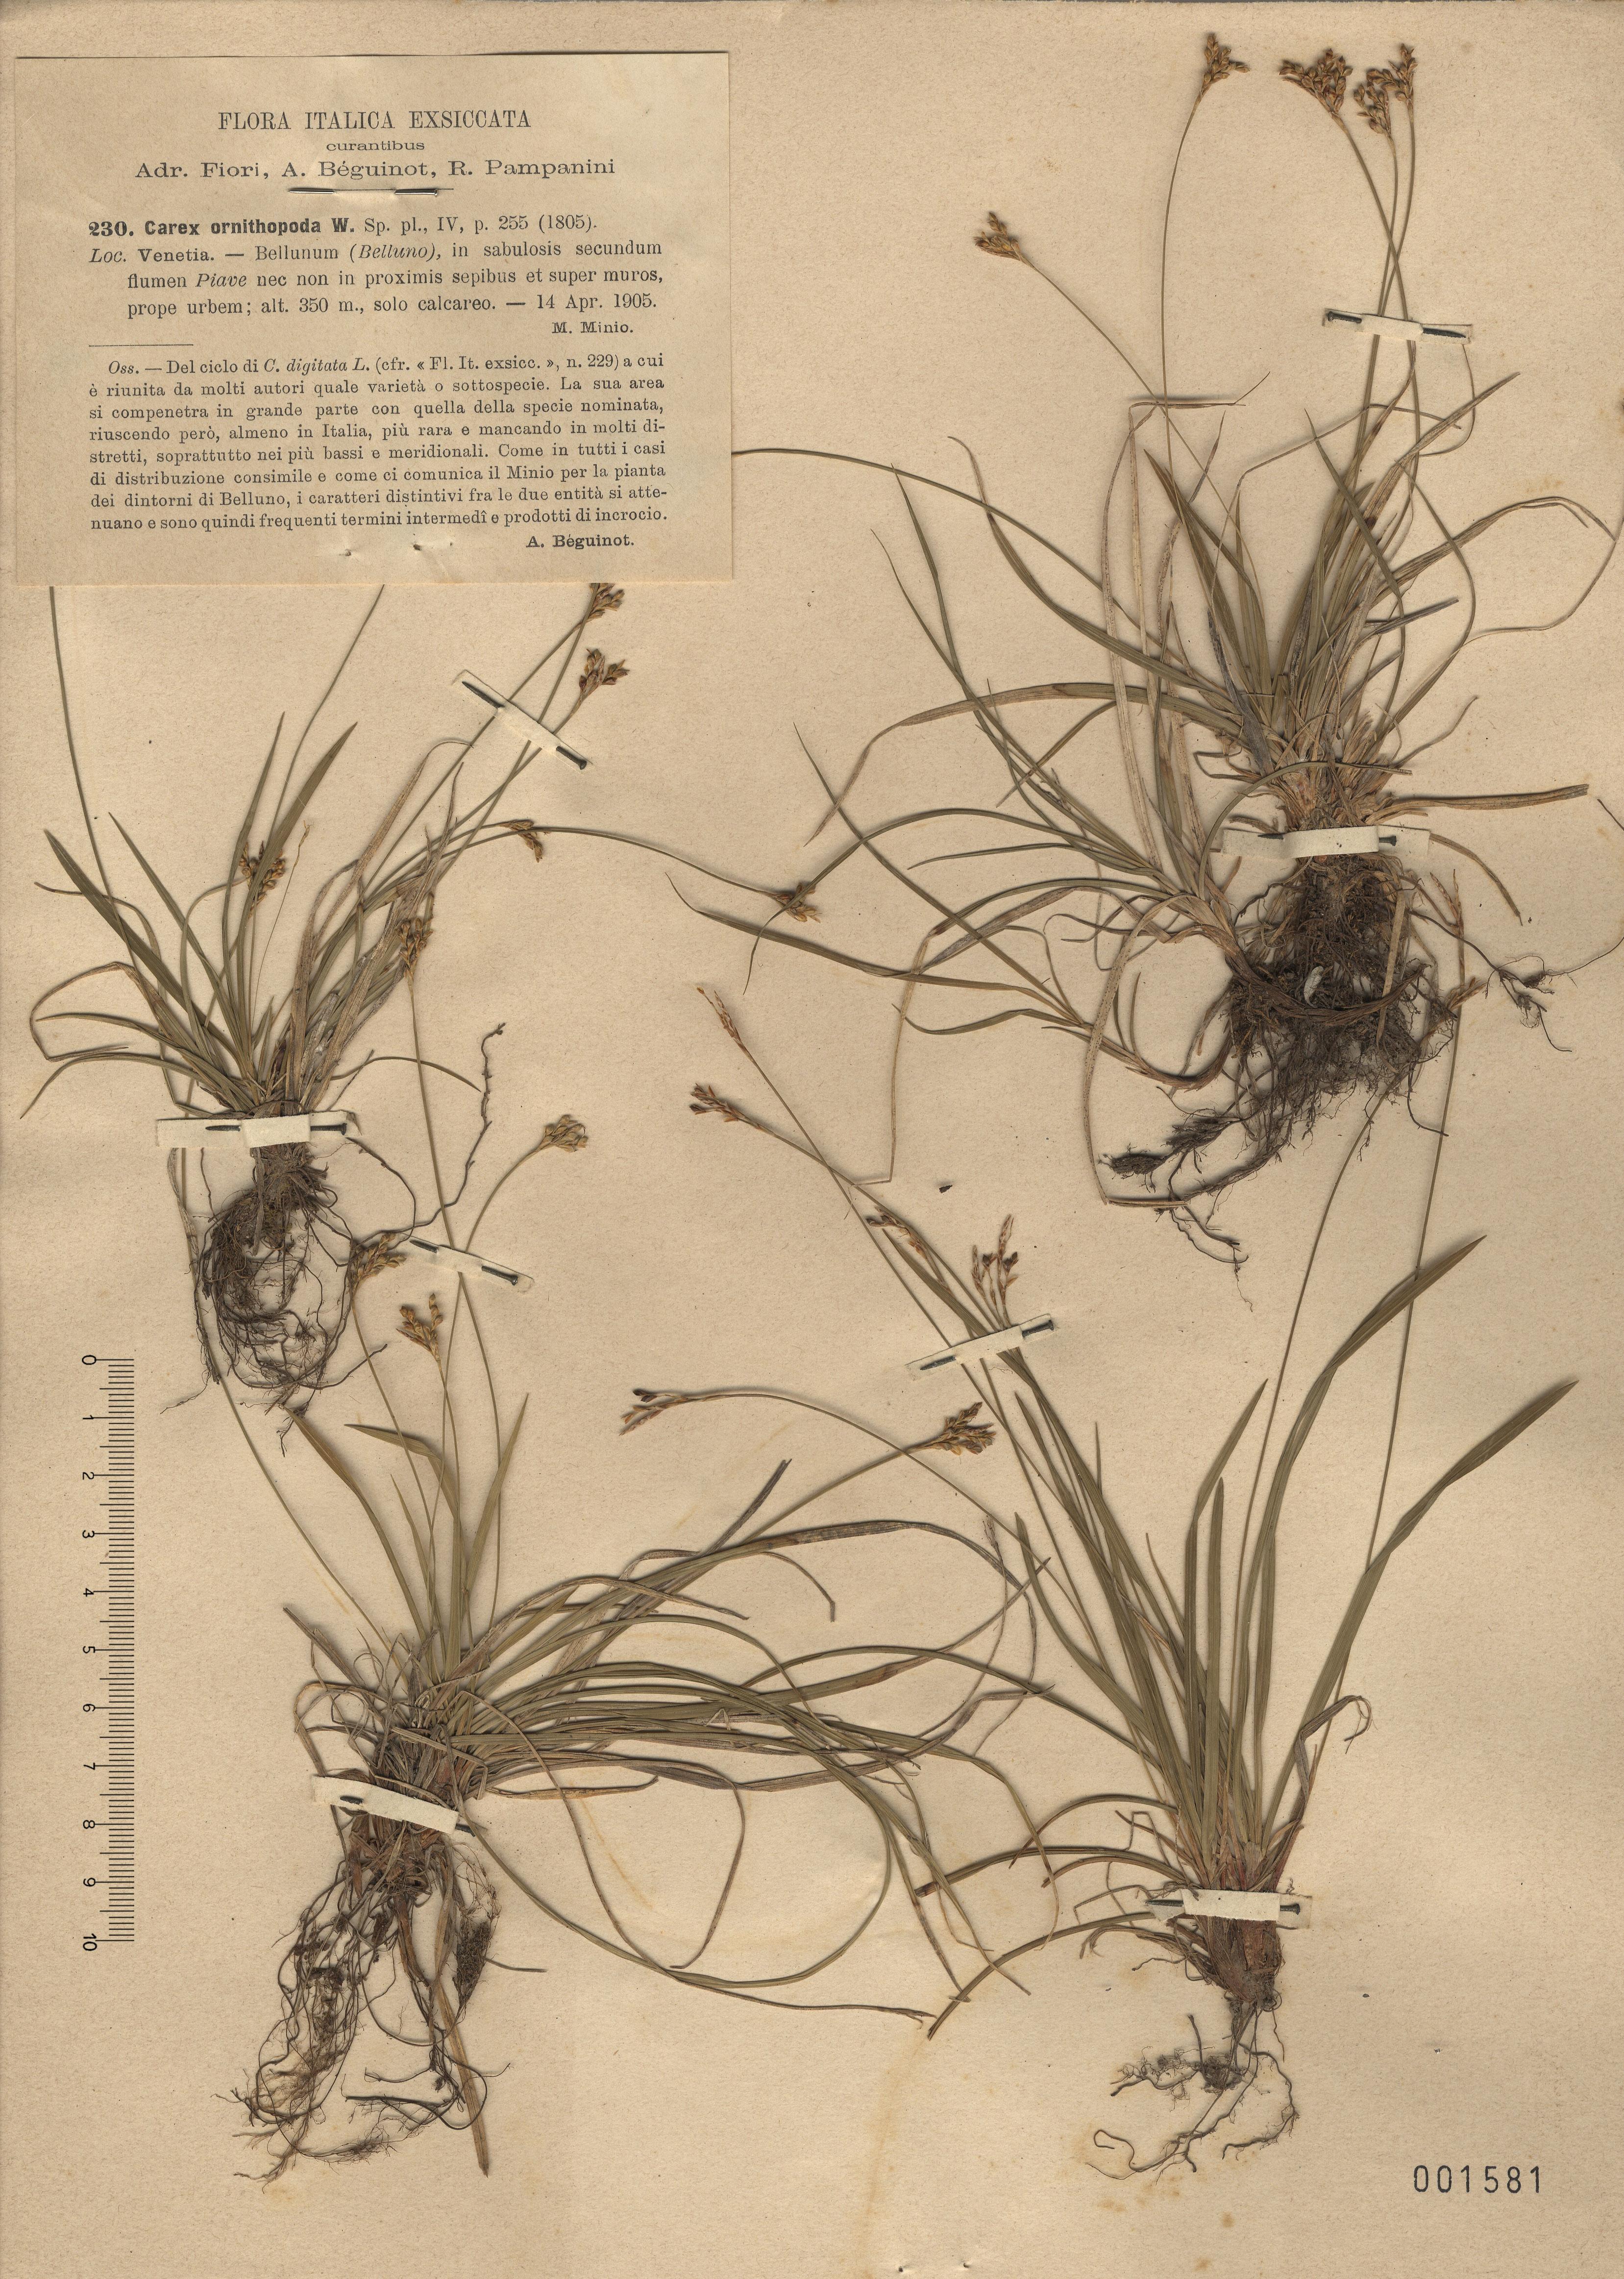 © Hortus Botanicus Catinensis - Herb. sheet 001581<br>